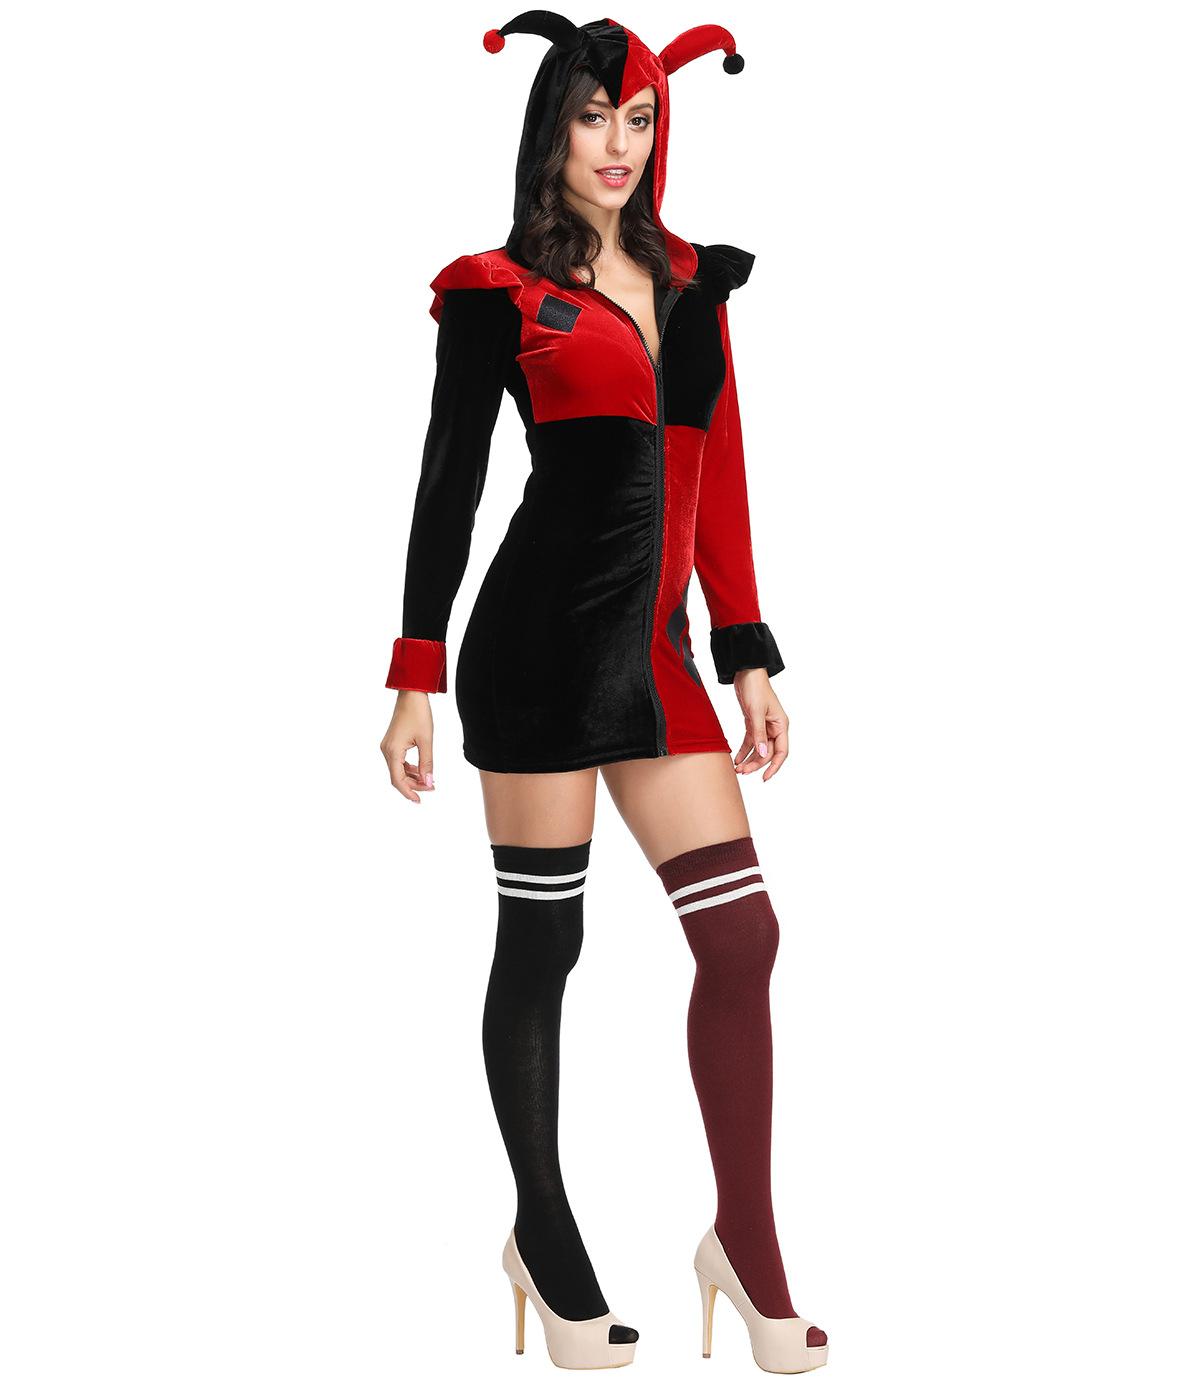 马戏团小丑角色扮演套装新款万圣节哈雷奎恩的服装红黑连衣裙